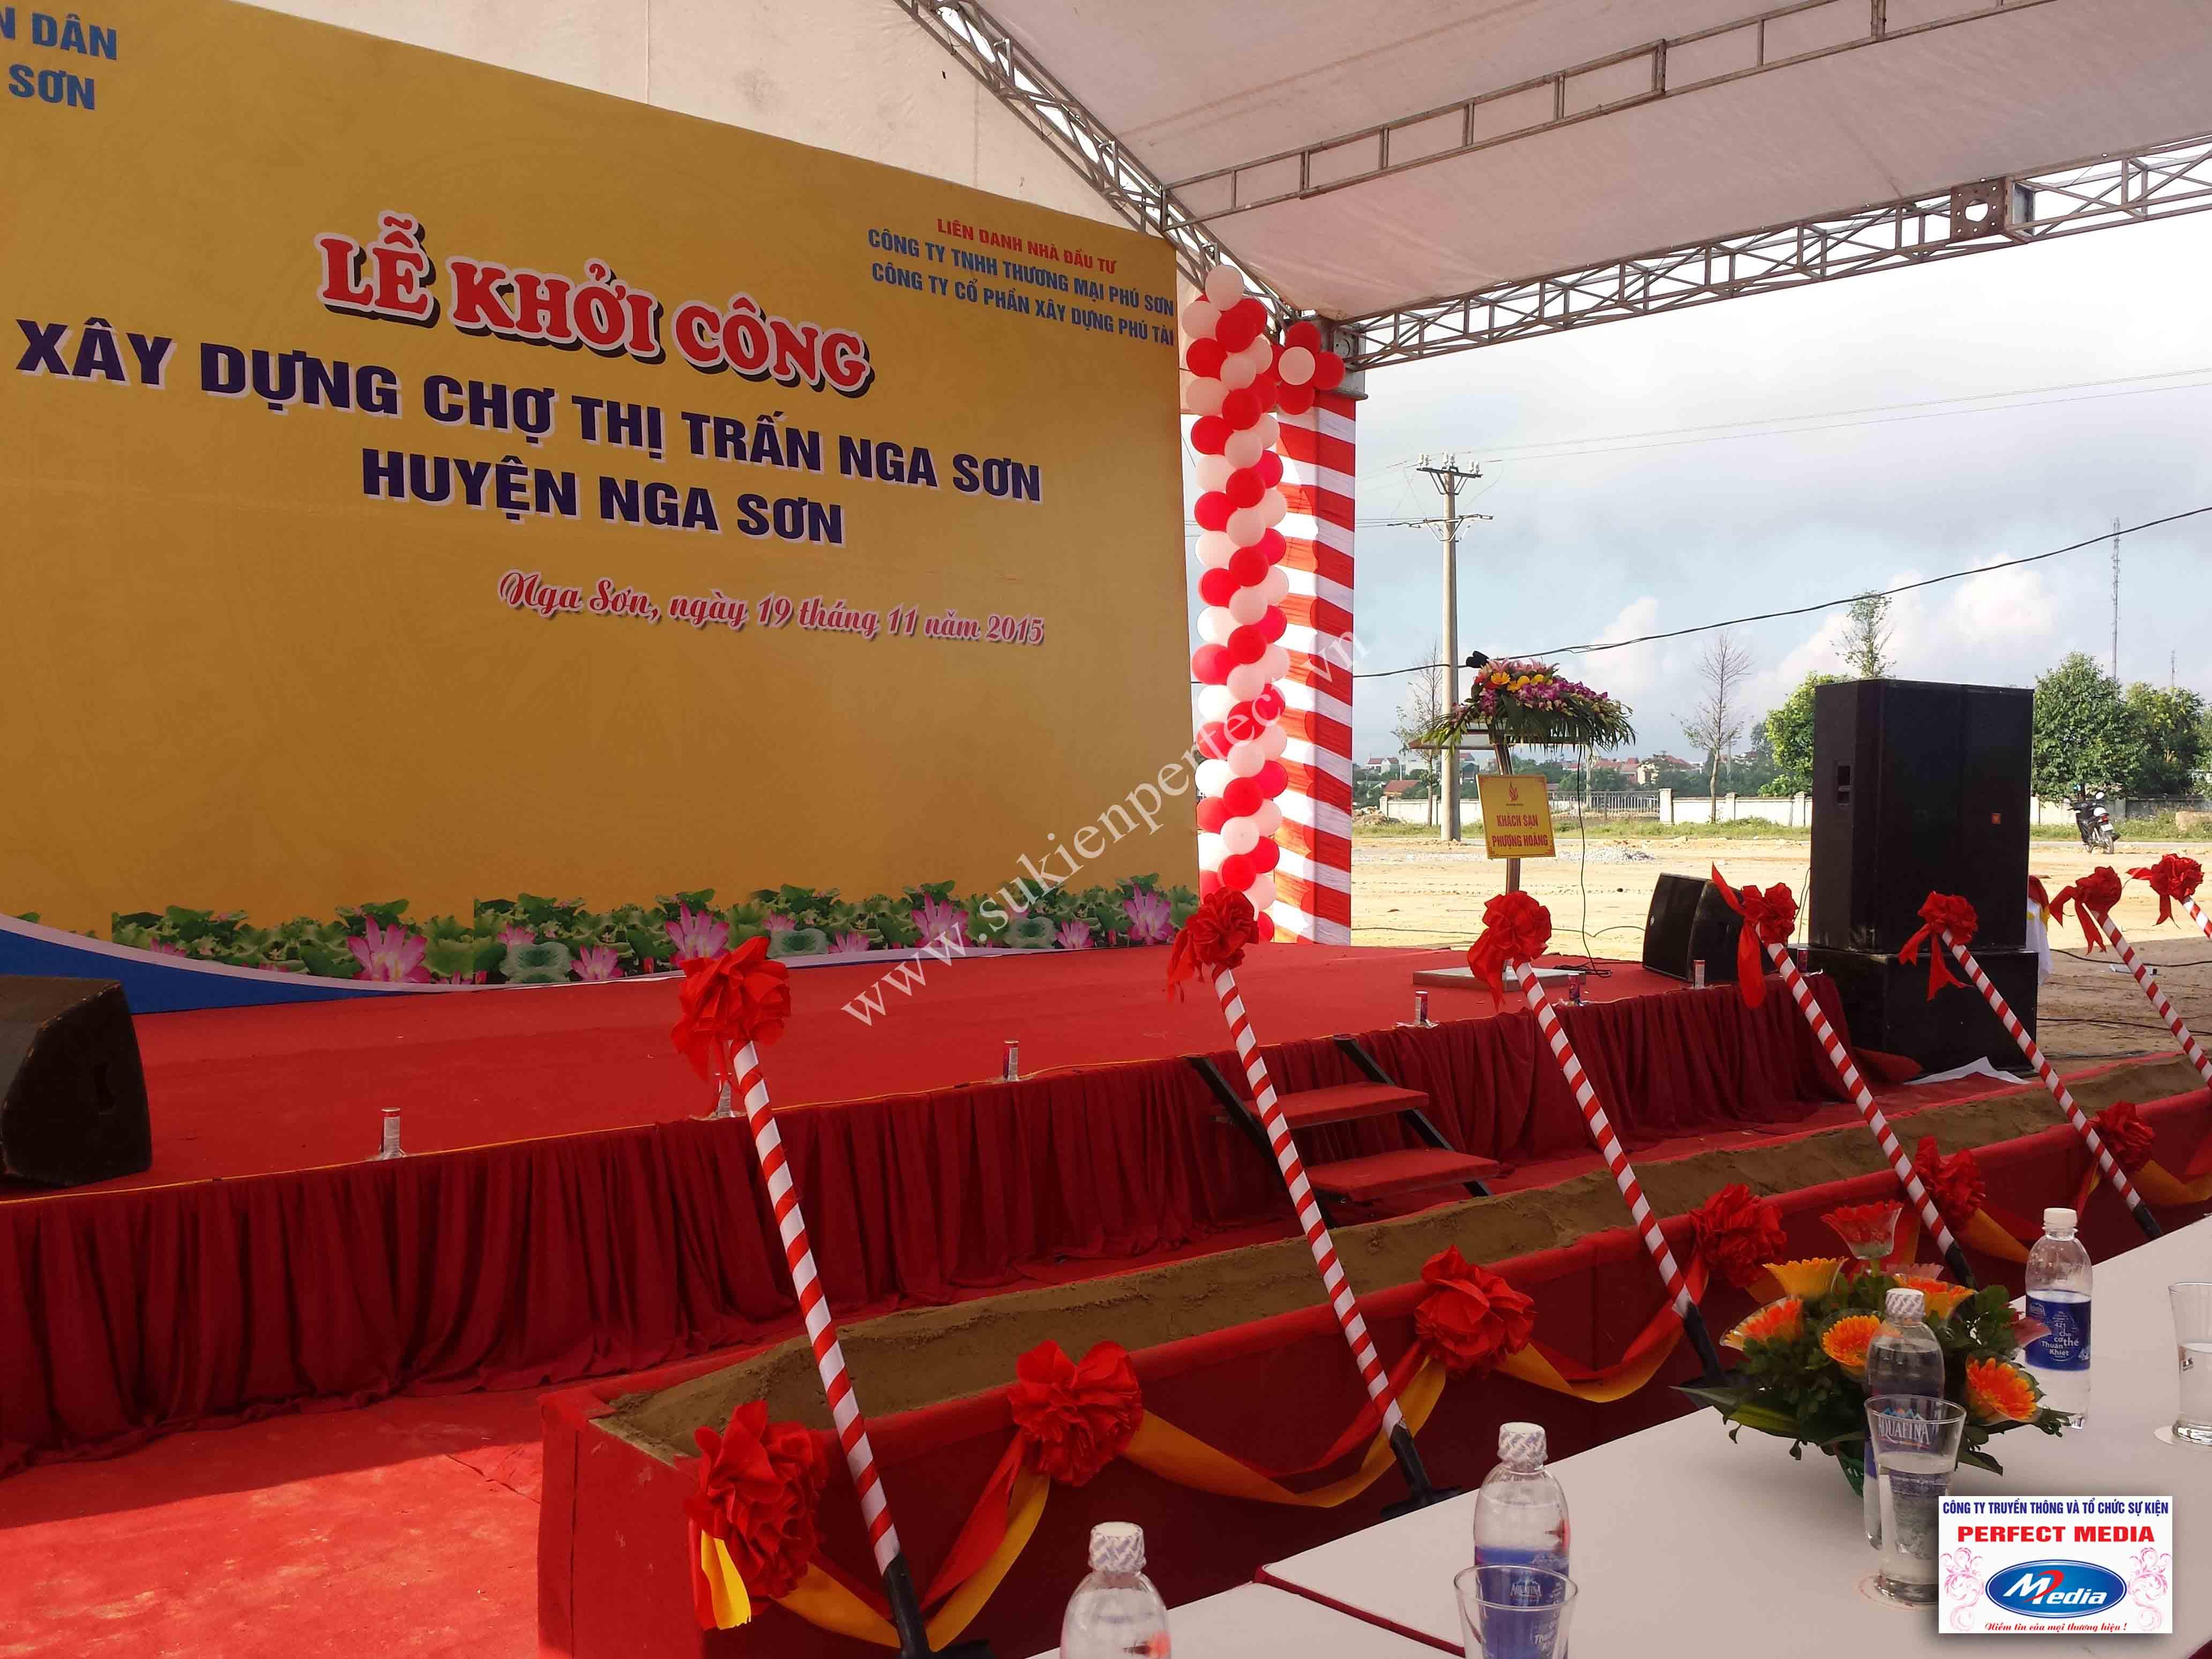 Hình ảnh hội trường lễ khởi công xây dựng chợ thị trấn huyện Nga Sơn 07